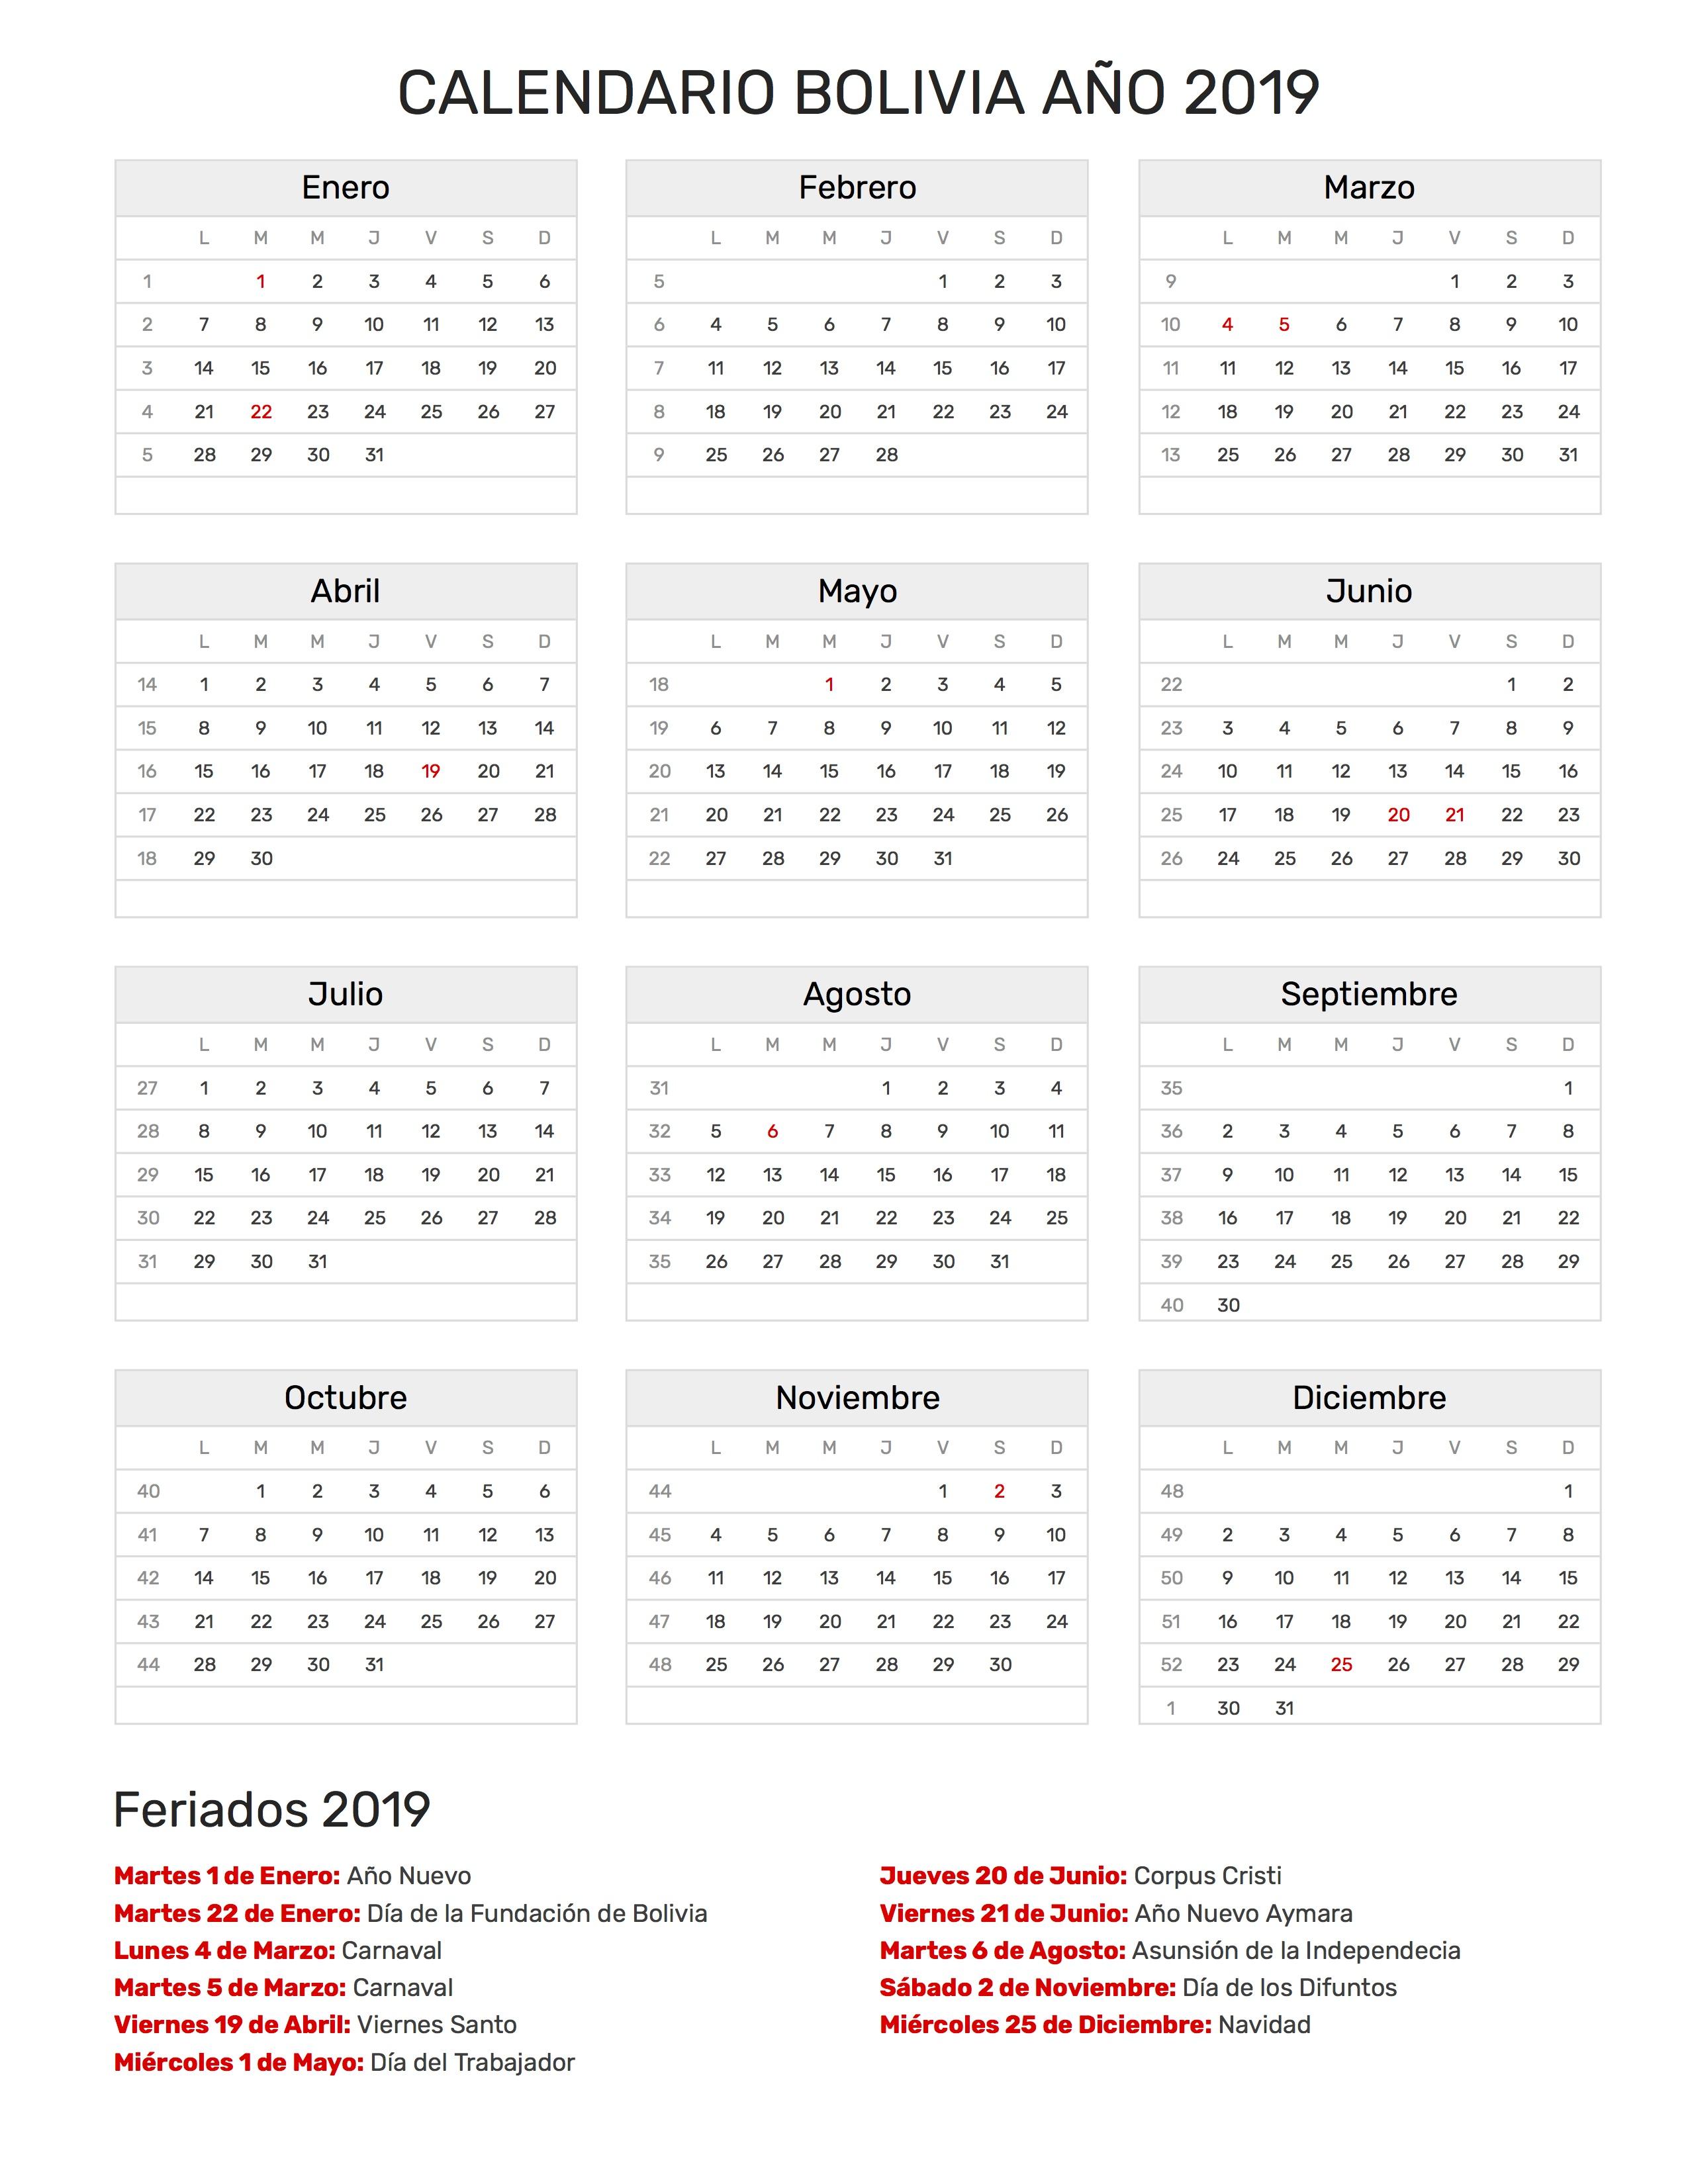 Calendario 2019 Bolivia